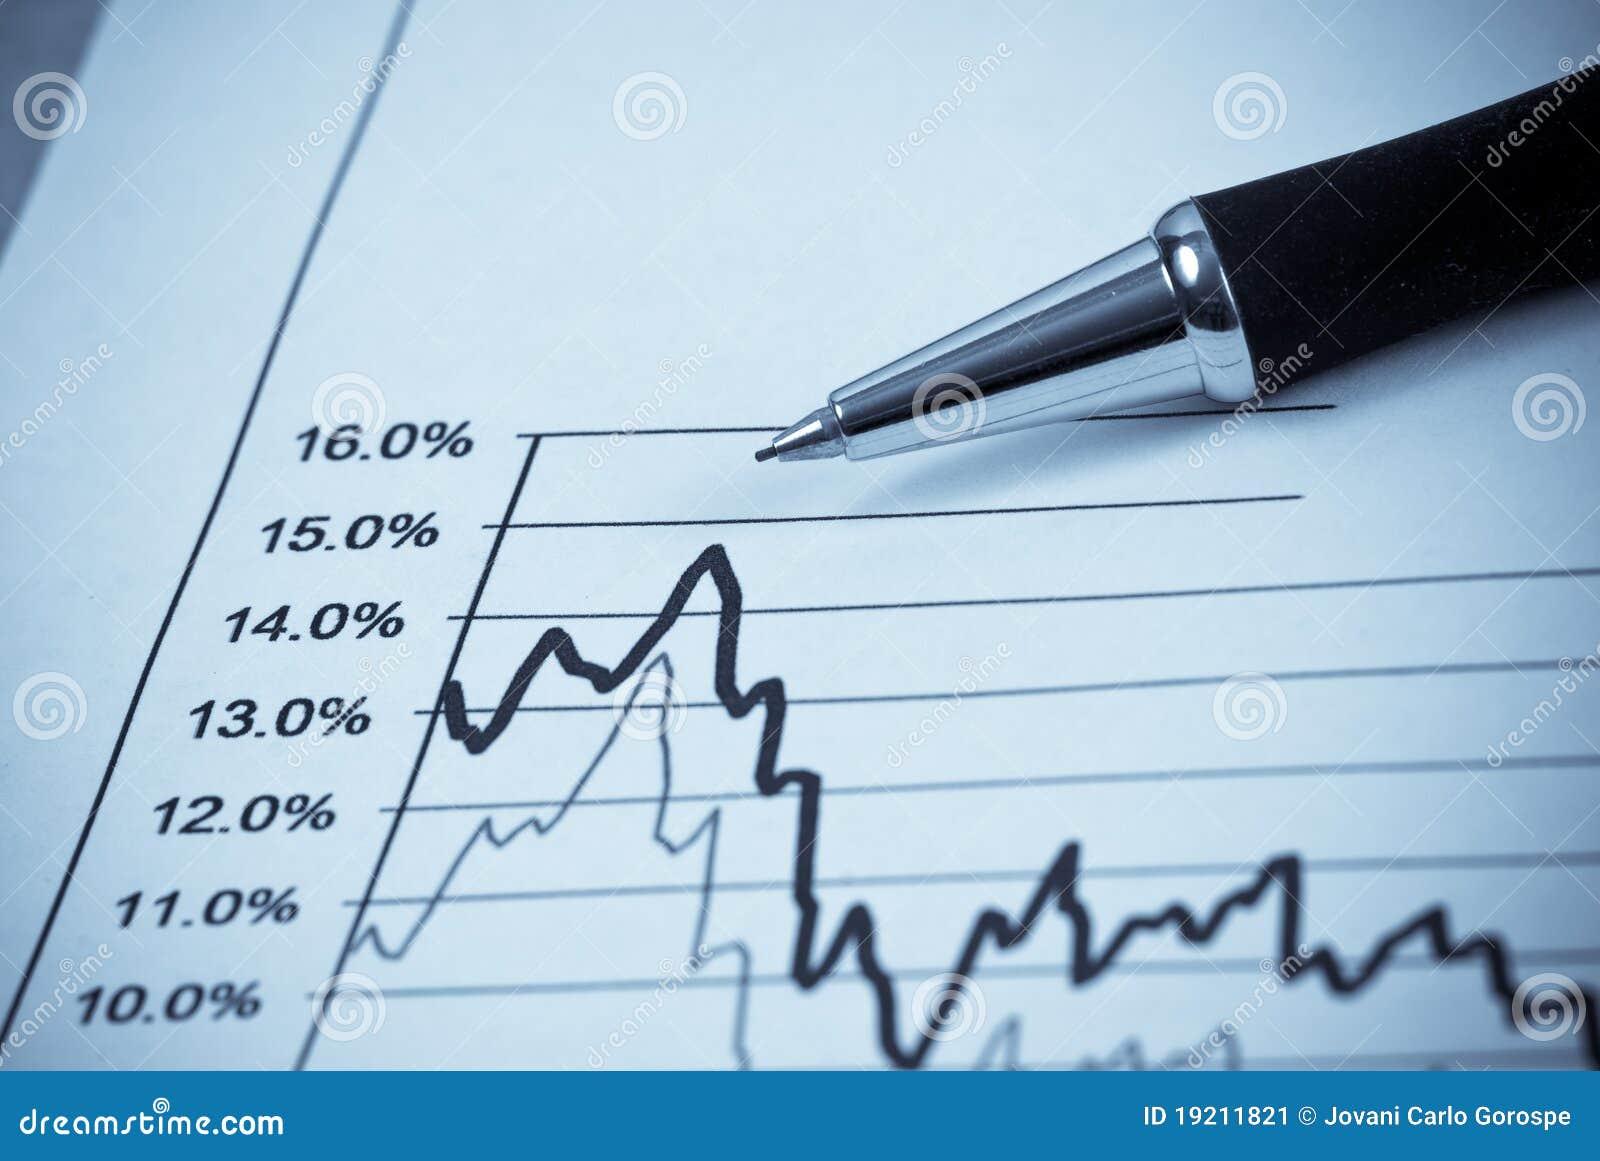 15 het Tarief van de Verhoging van percenten